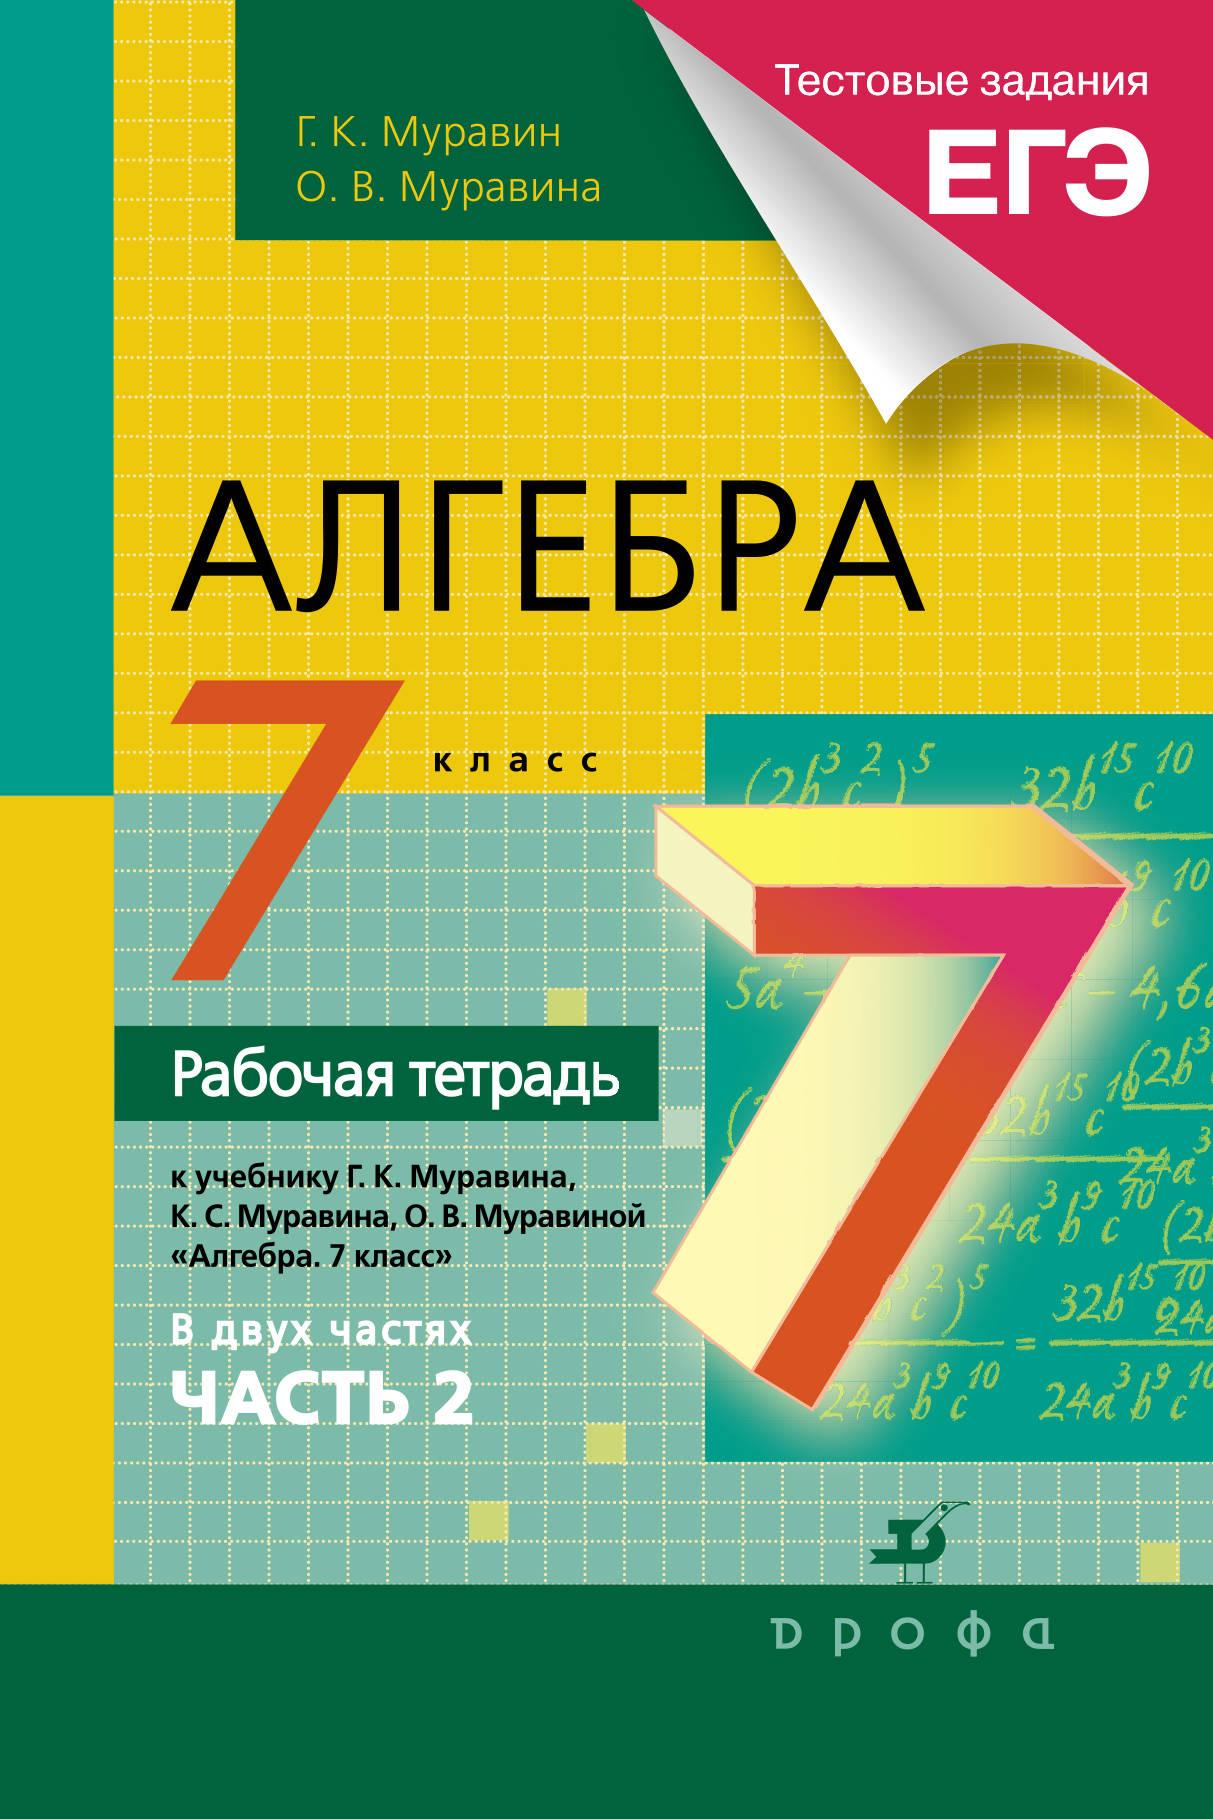 Алгебра. 7 класс. Рабочая тетрадь (с тестовыми заданиями ЕГЭ). Часть 2 ( Муравин Г.К.,  Муравина О. В.  )